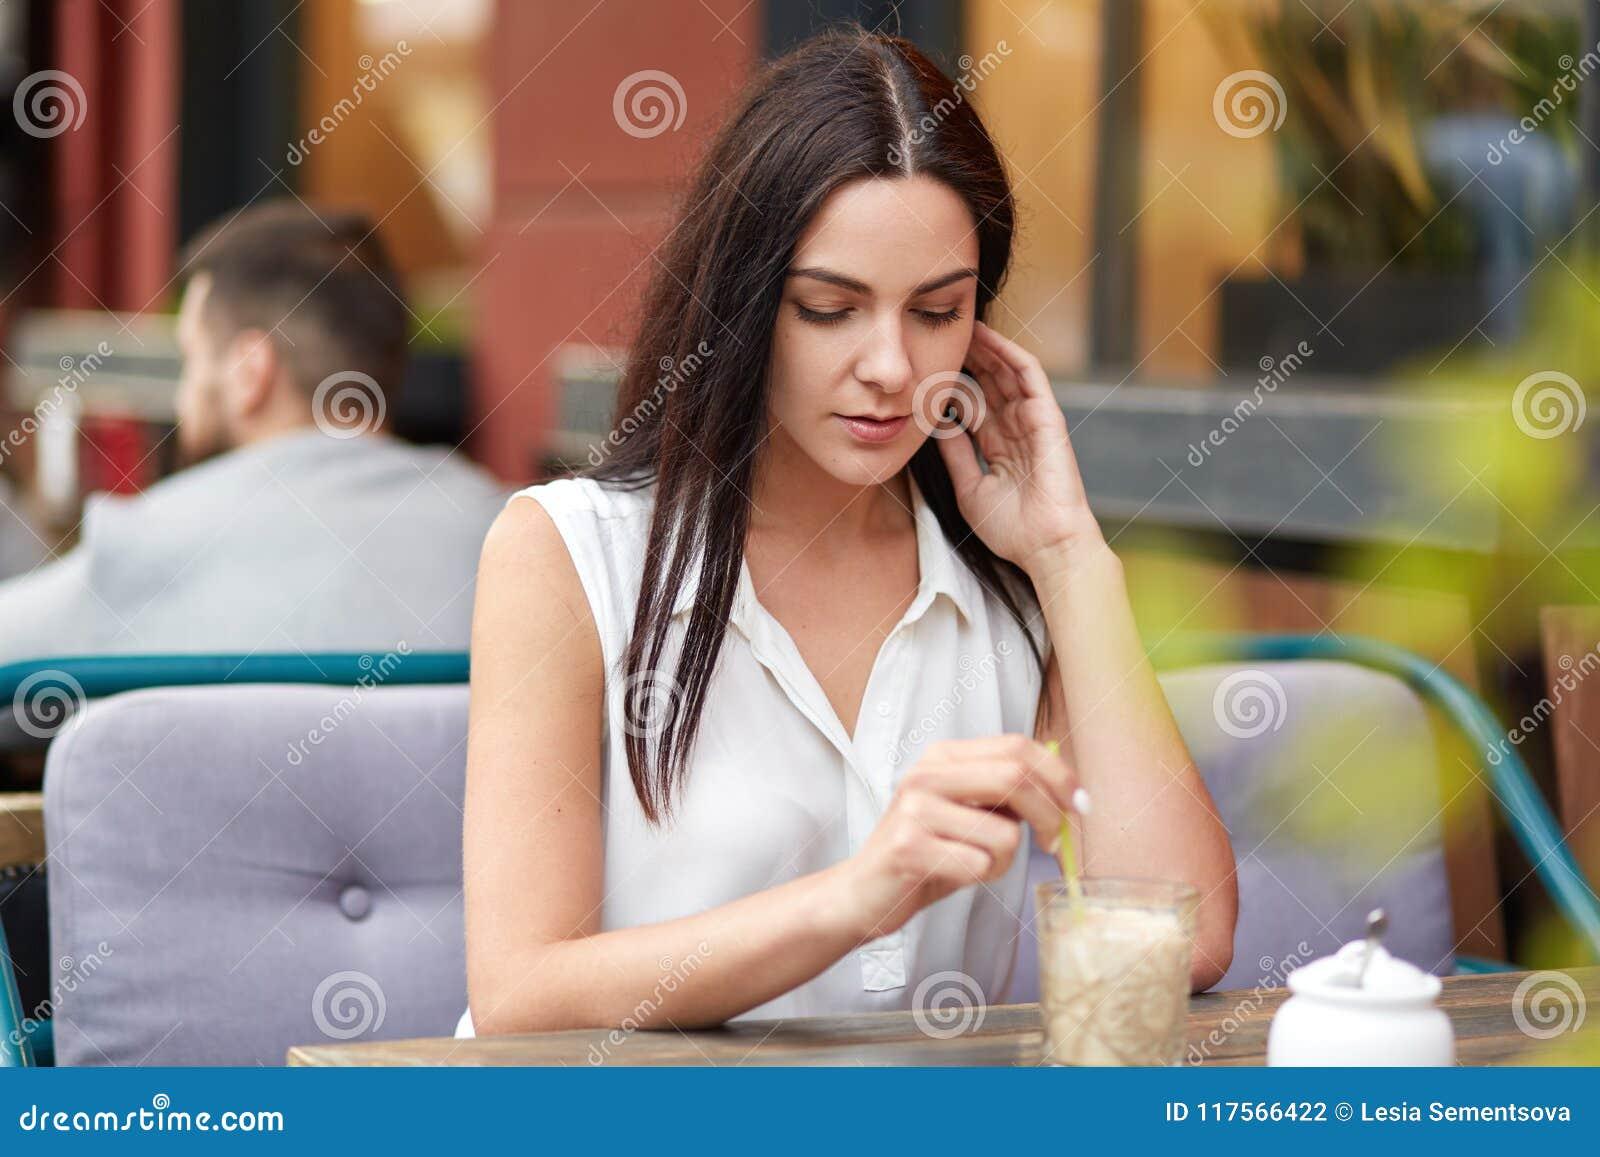 Portret brunetki poważna kobieta rozważnego wyrażenie, pije koktajl w plenerowej kawiarni, czeka partnera biznesowego, cieszy się